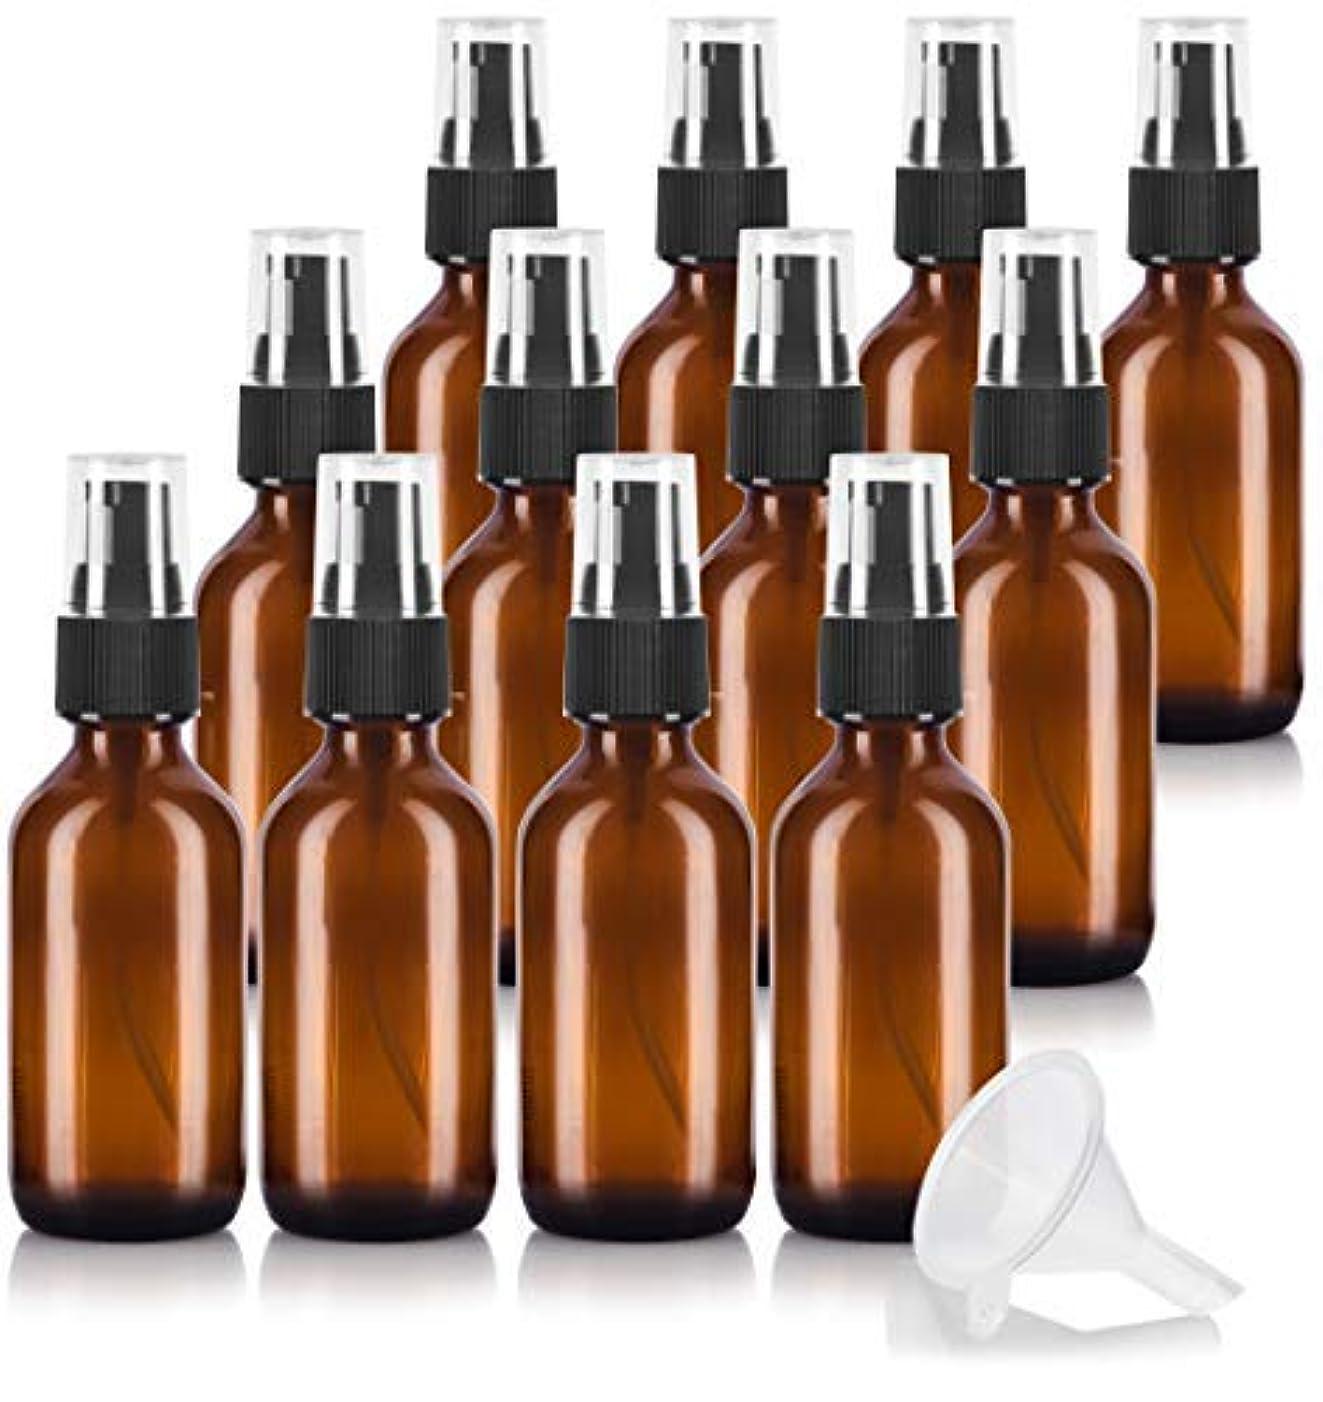 グラフ精神グラム2 oz Amber Glass Boston Round Treatment Pump Bottle (12 pack) + Funnel and Labels for essential oils, aromatherapy...